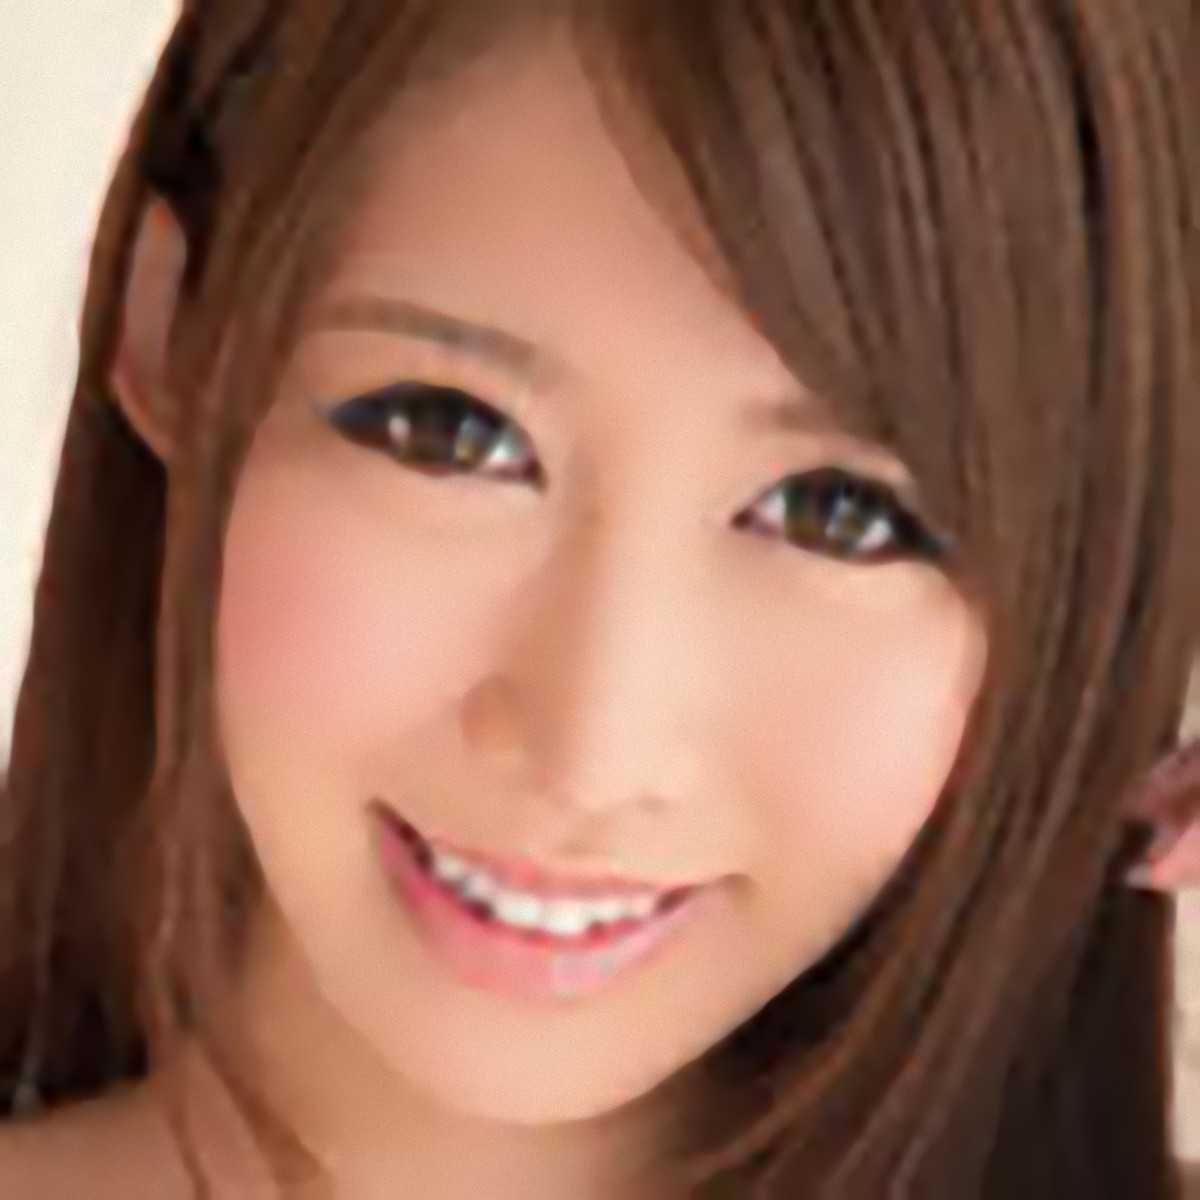 園田みおんさんのプロフィールと画像集8ページ目 | AV女優画像